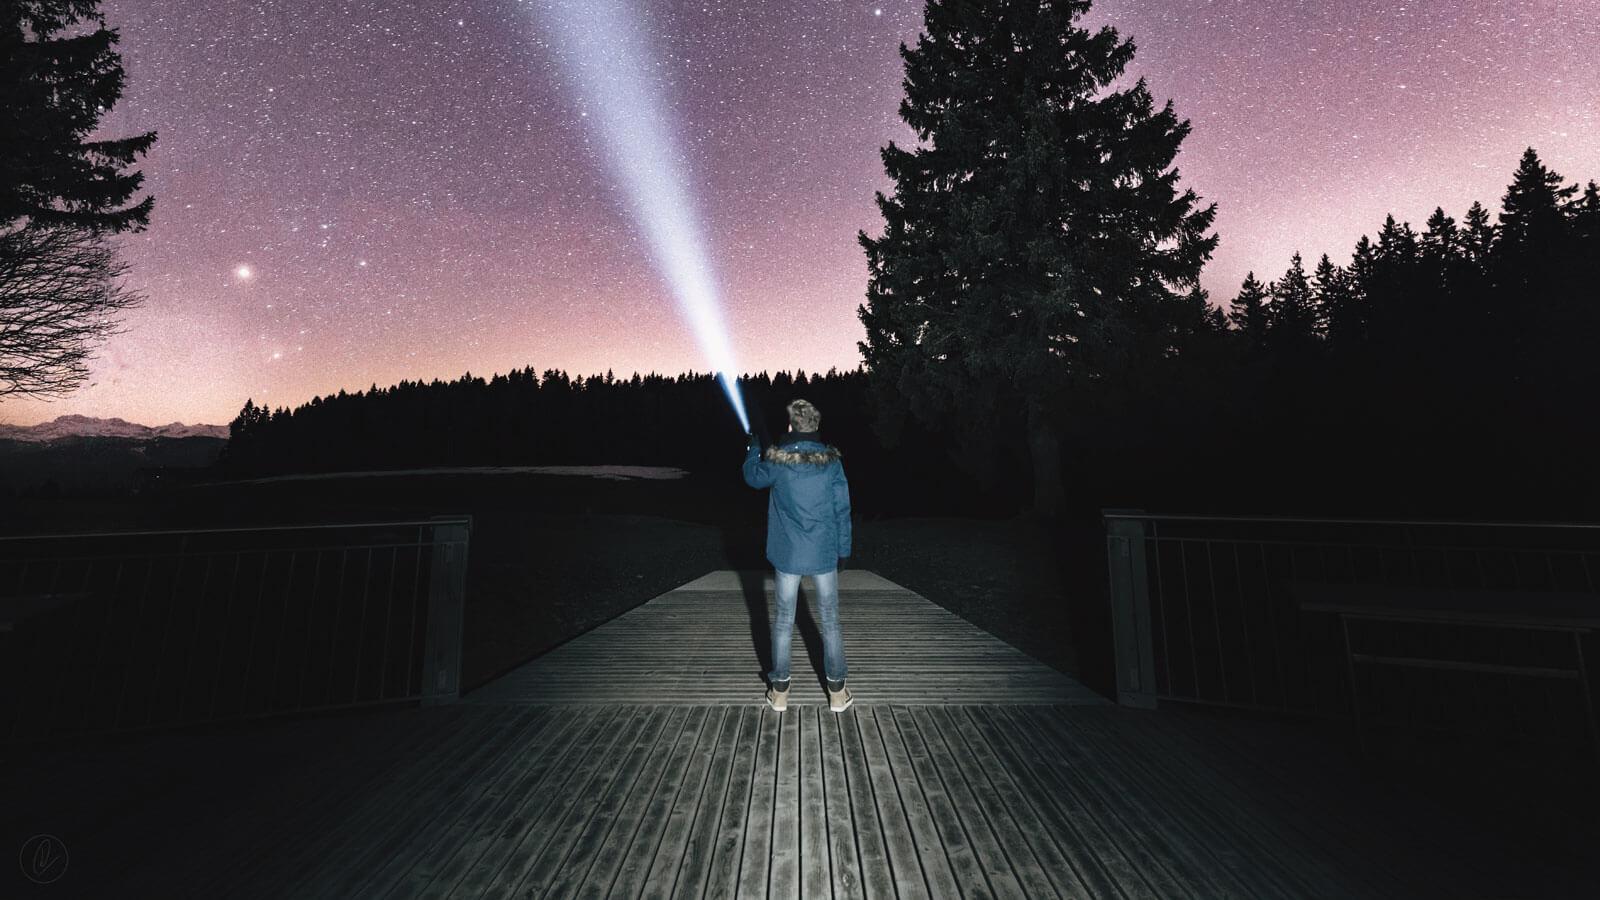 夜空とライト